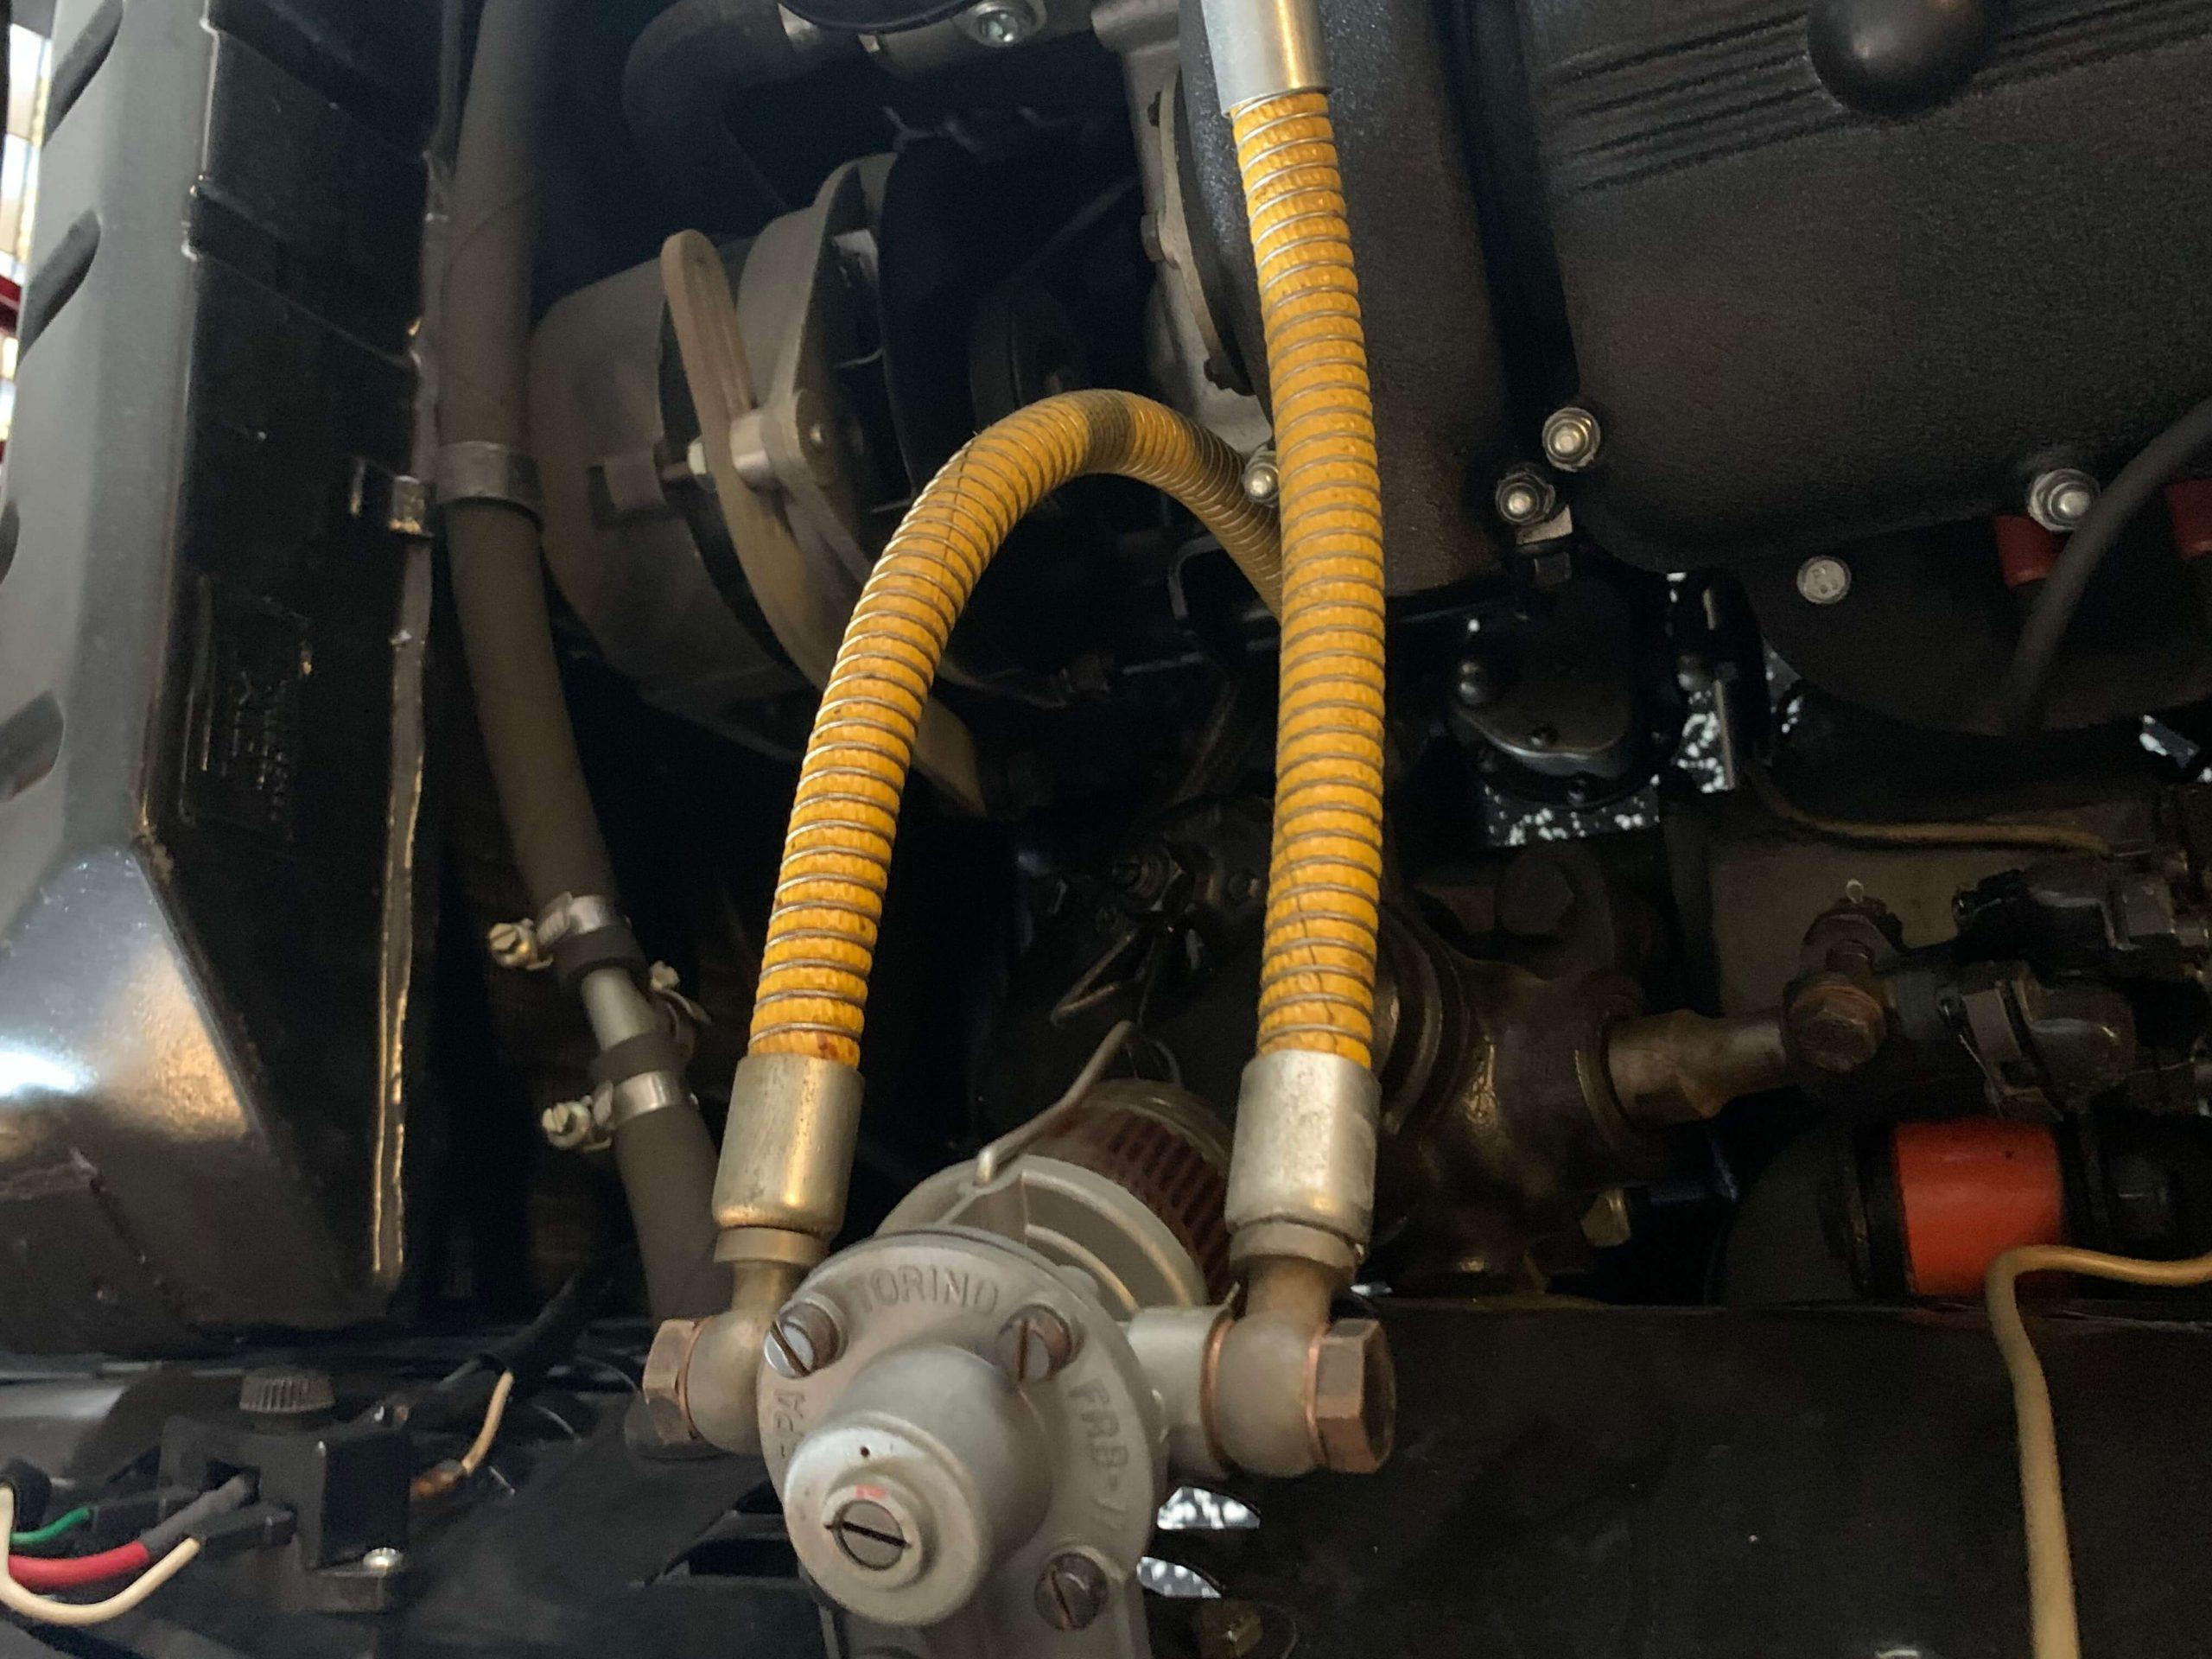 Ferrari 330 GTC Fuel filter